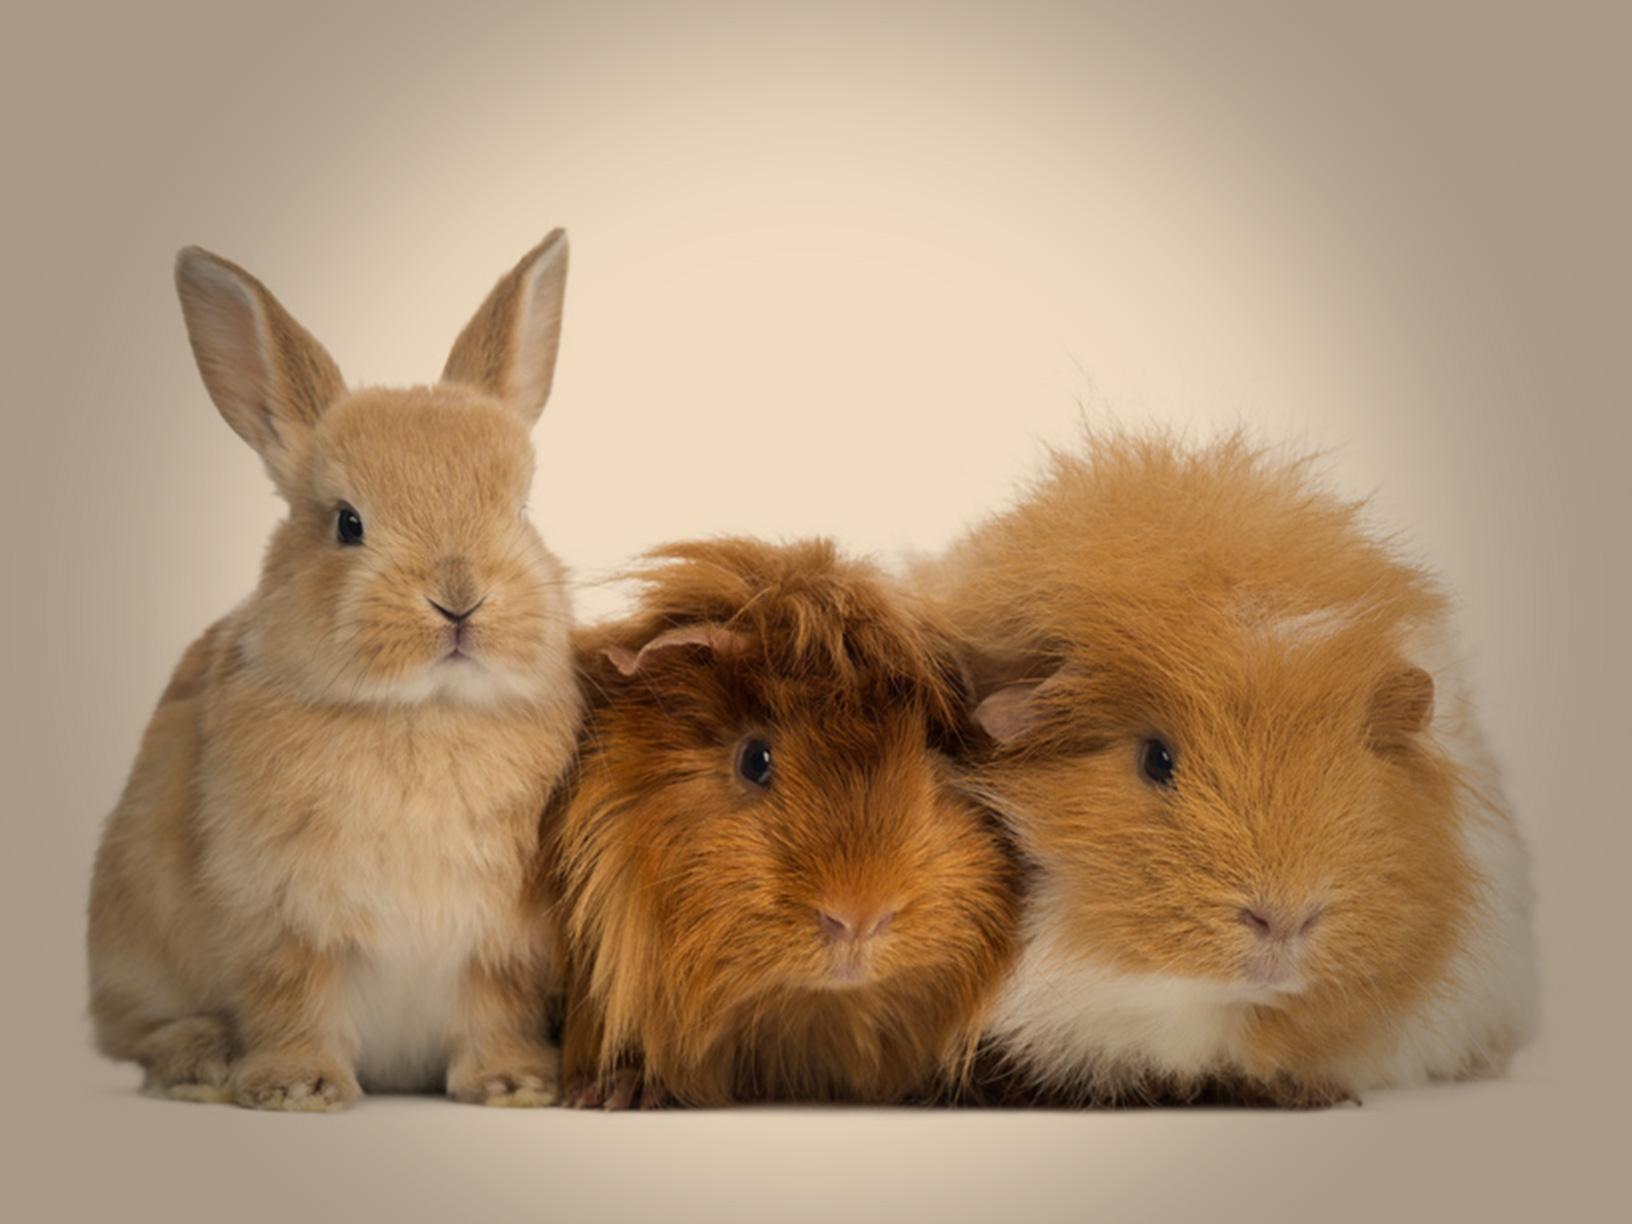 Gesundheit und Lebensfreude für jedes Tier